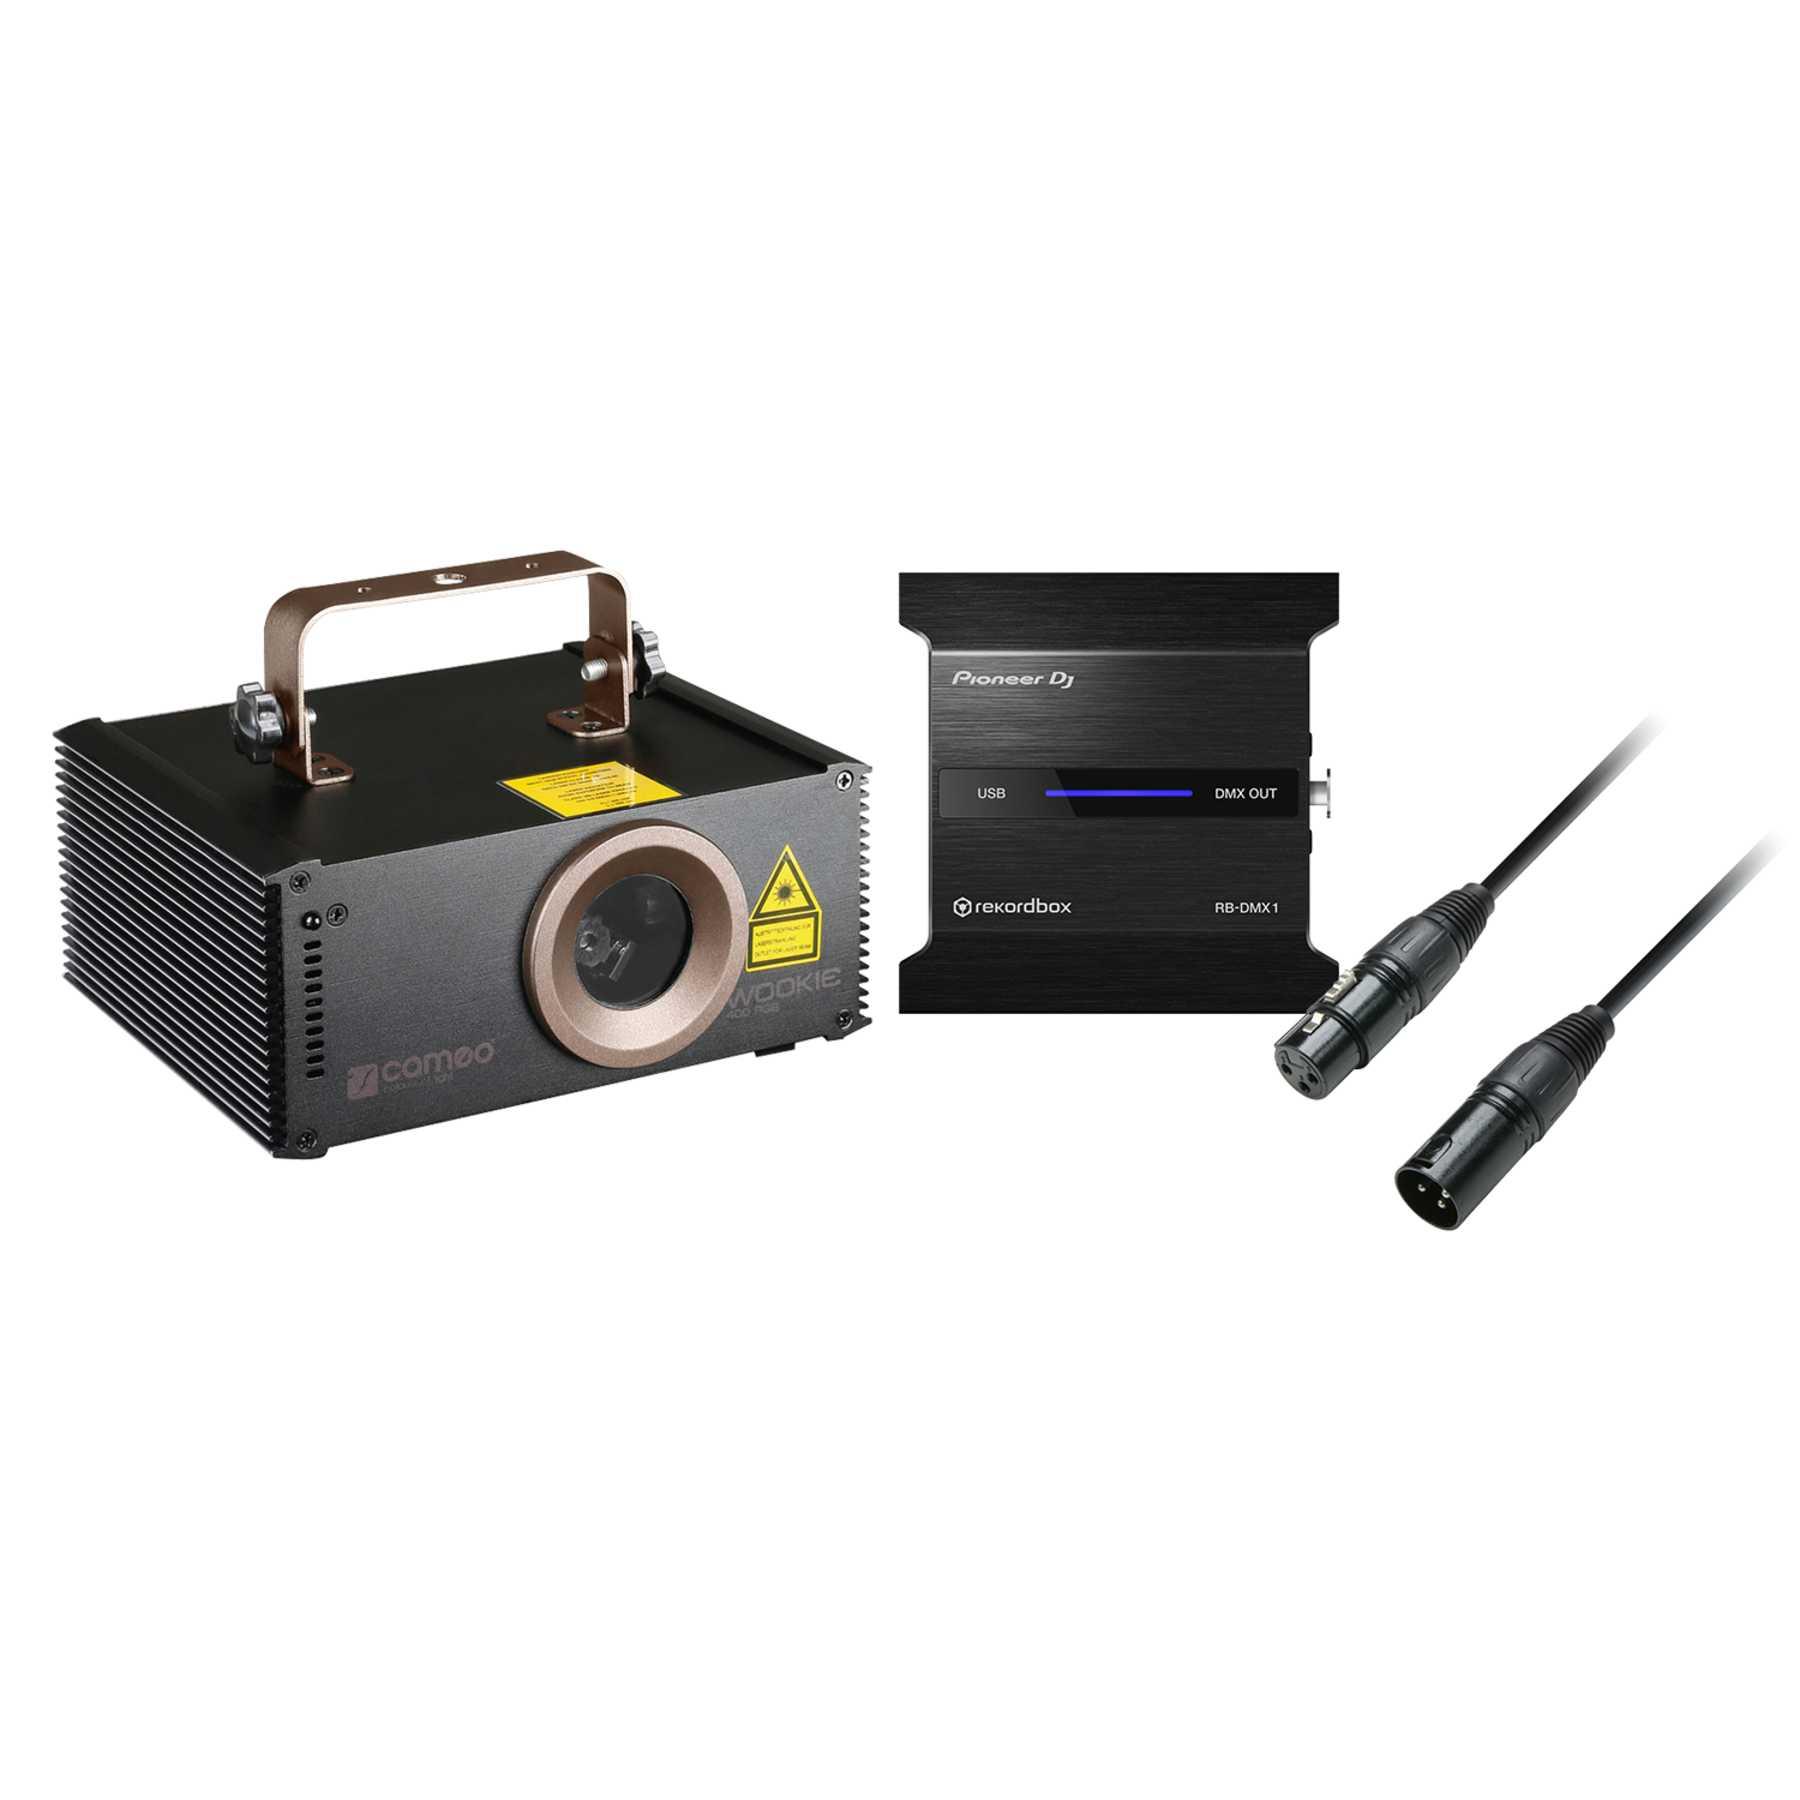 Pioneer DJ RB-DMX1 + Cameo Wookie Laser 400RGB 240735